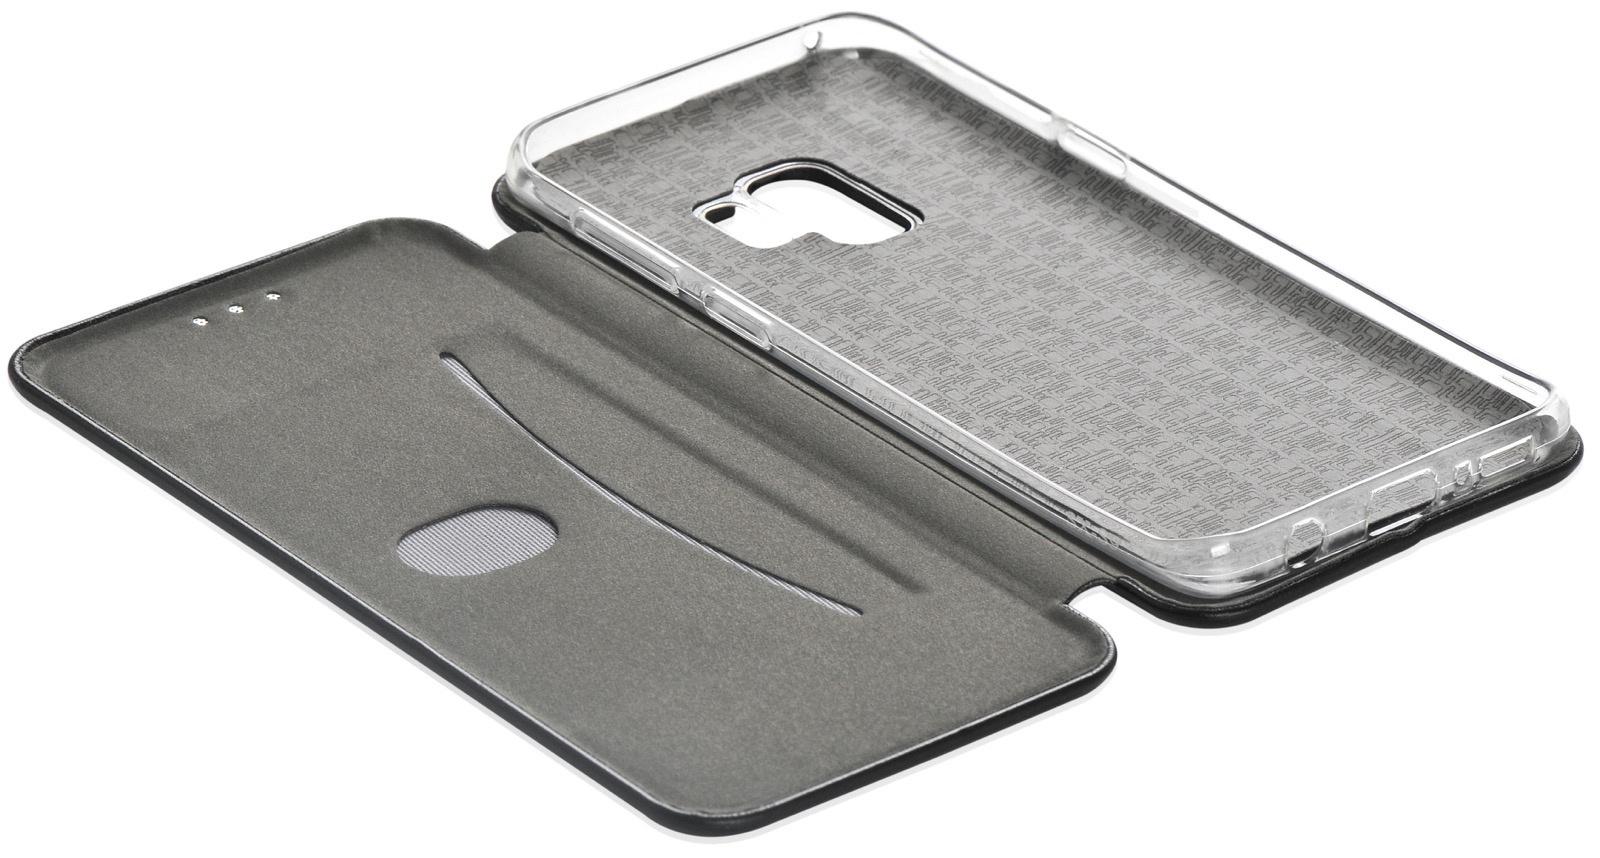 Чехол для сотового телефона Gurdini Premium case книжка Eco кожа с визиткой black для Samsung Galaxy S9, черный